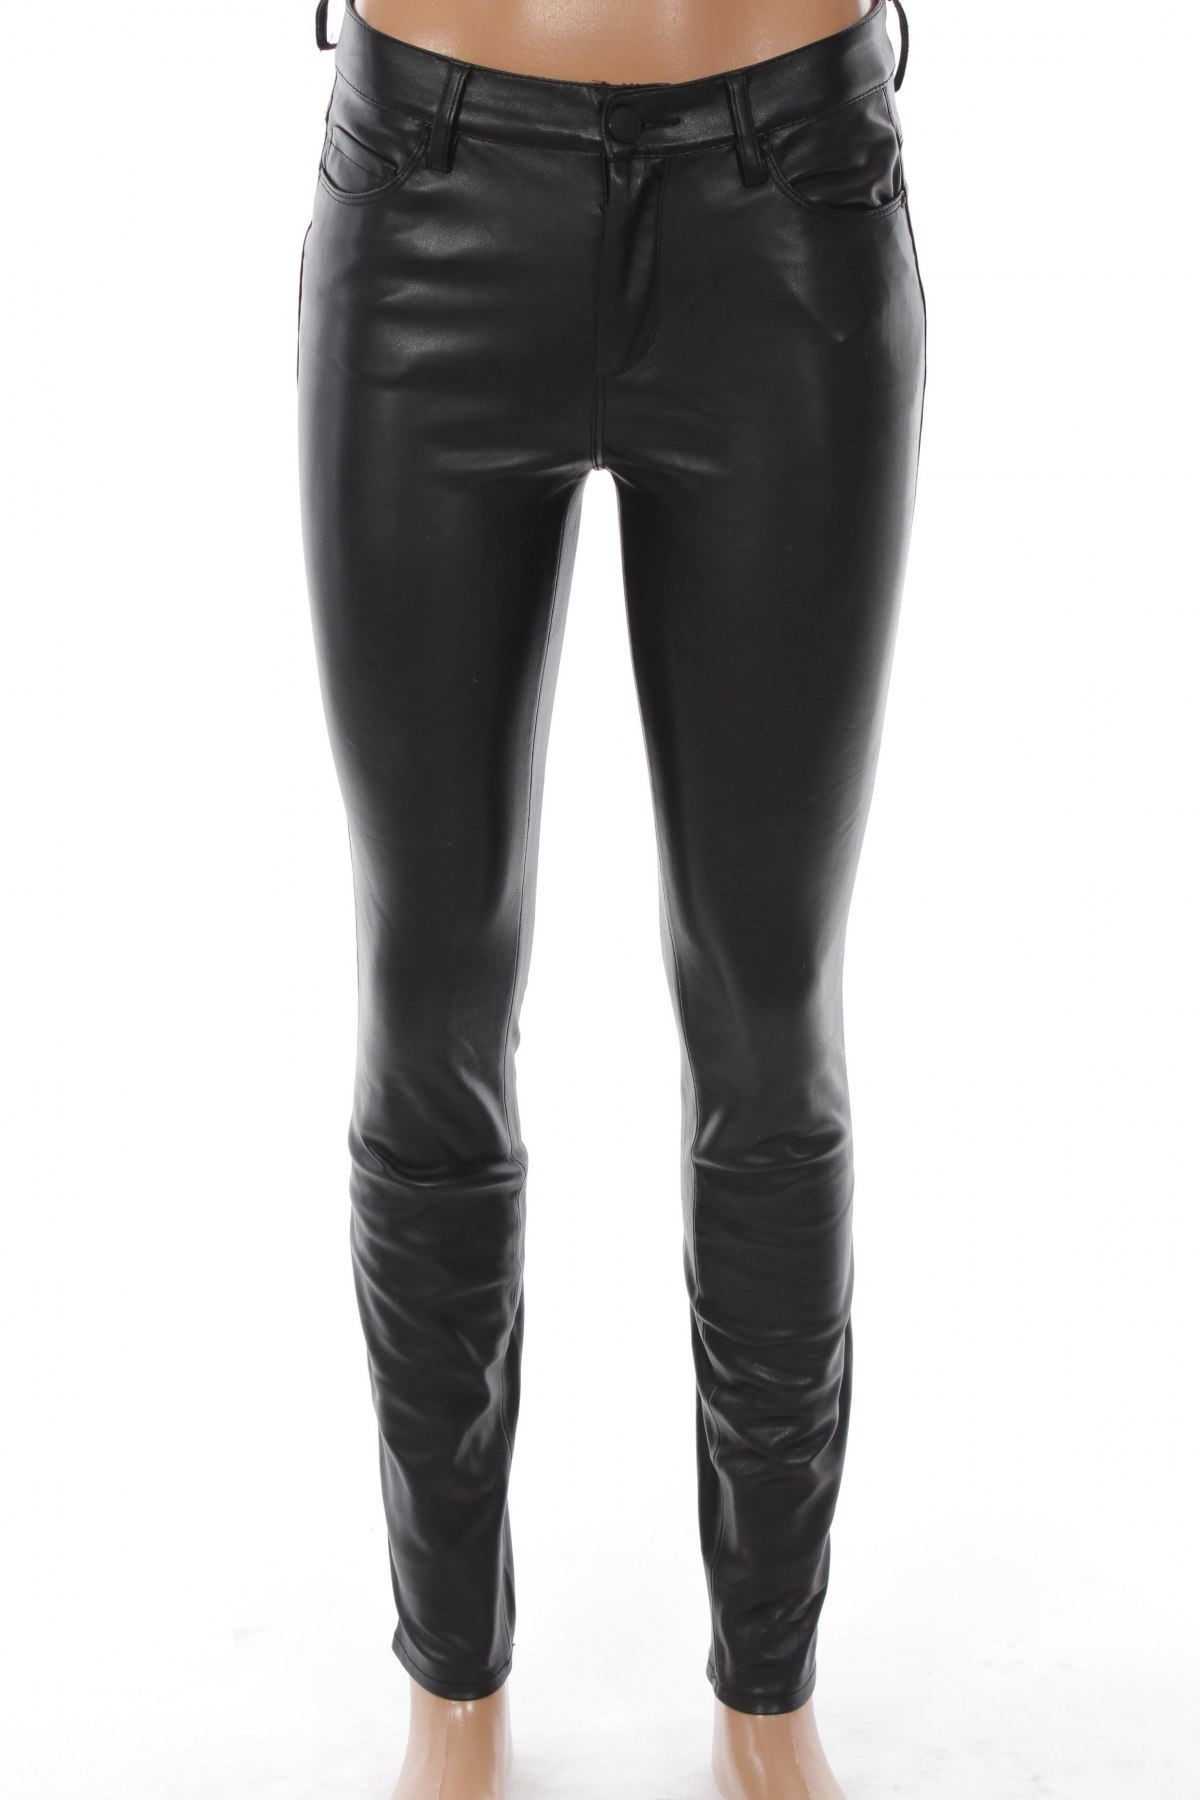 db6fa5d587 Dámske kožené nohavice Zara - za výhodnú cenu na Remix -  101618620